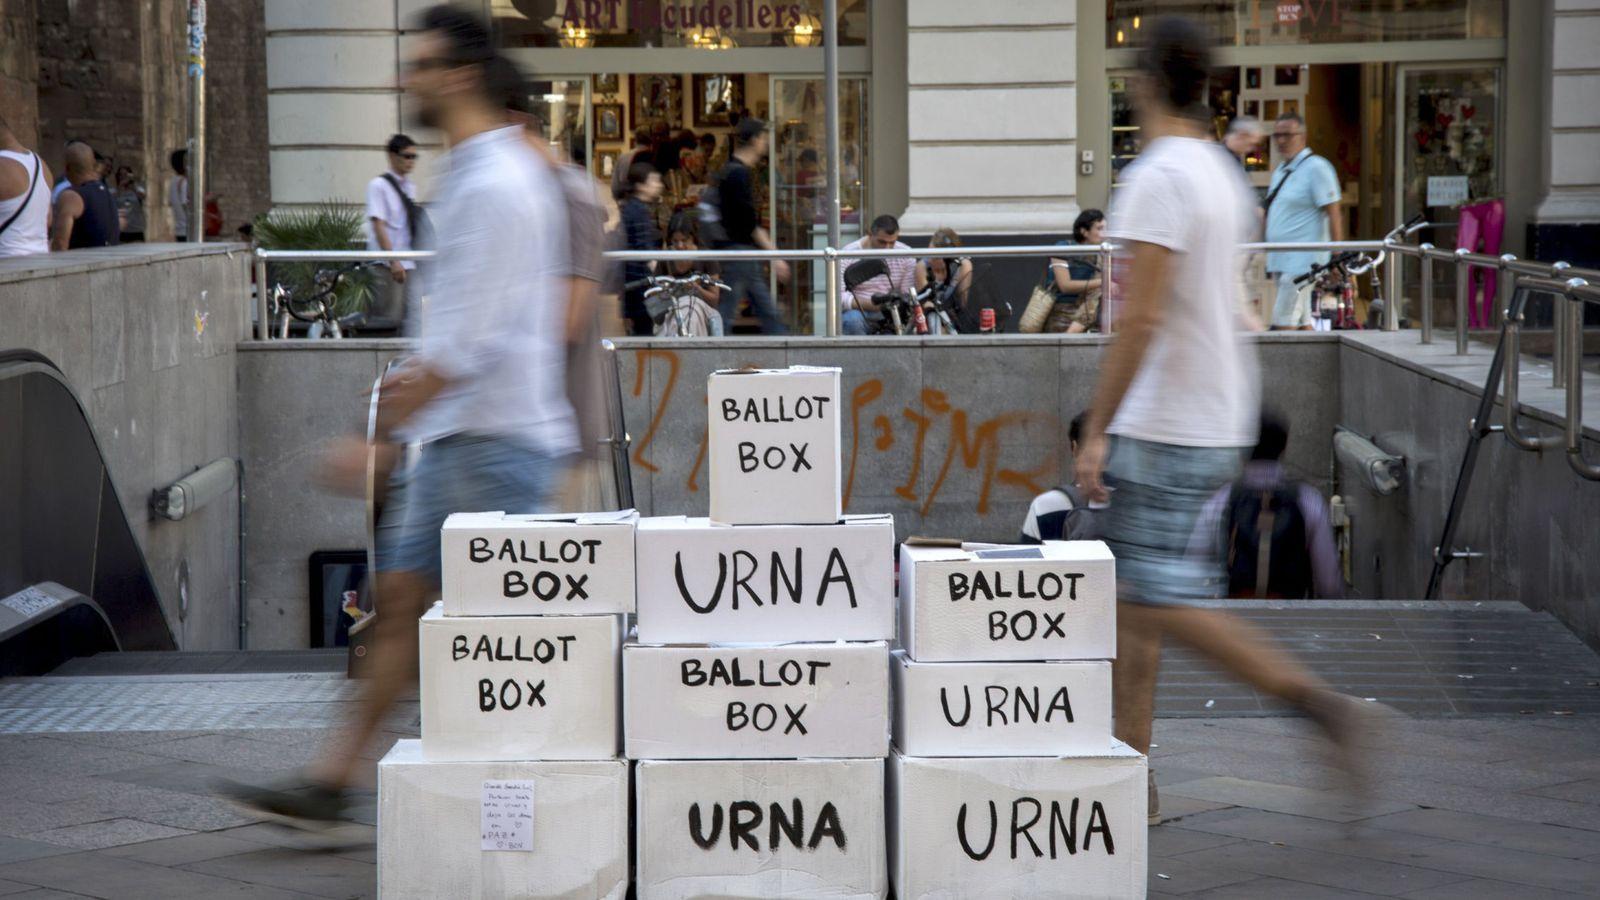 Foto: Una instalación con urnas de votación, en referencia al referendum del 1-O pocos días antes de su celebración. (EFE)